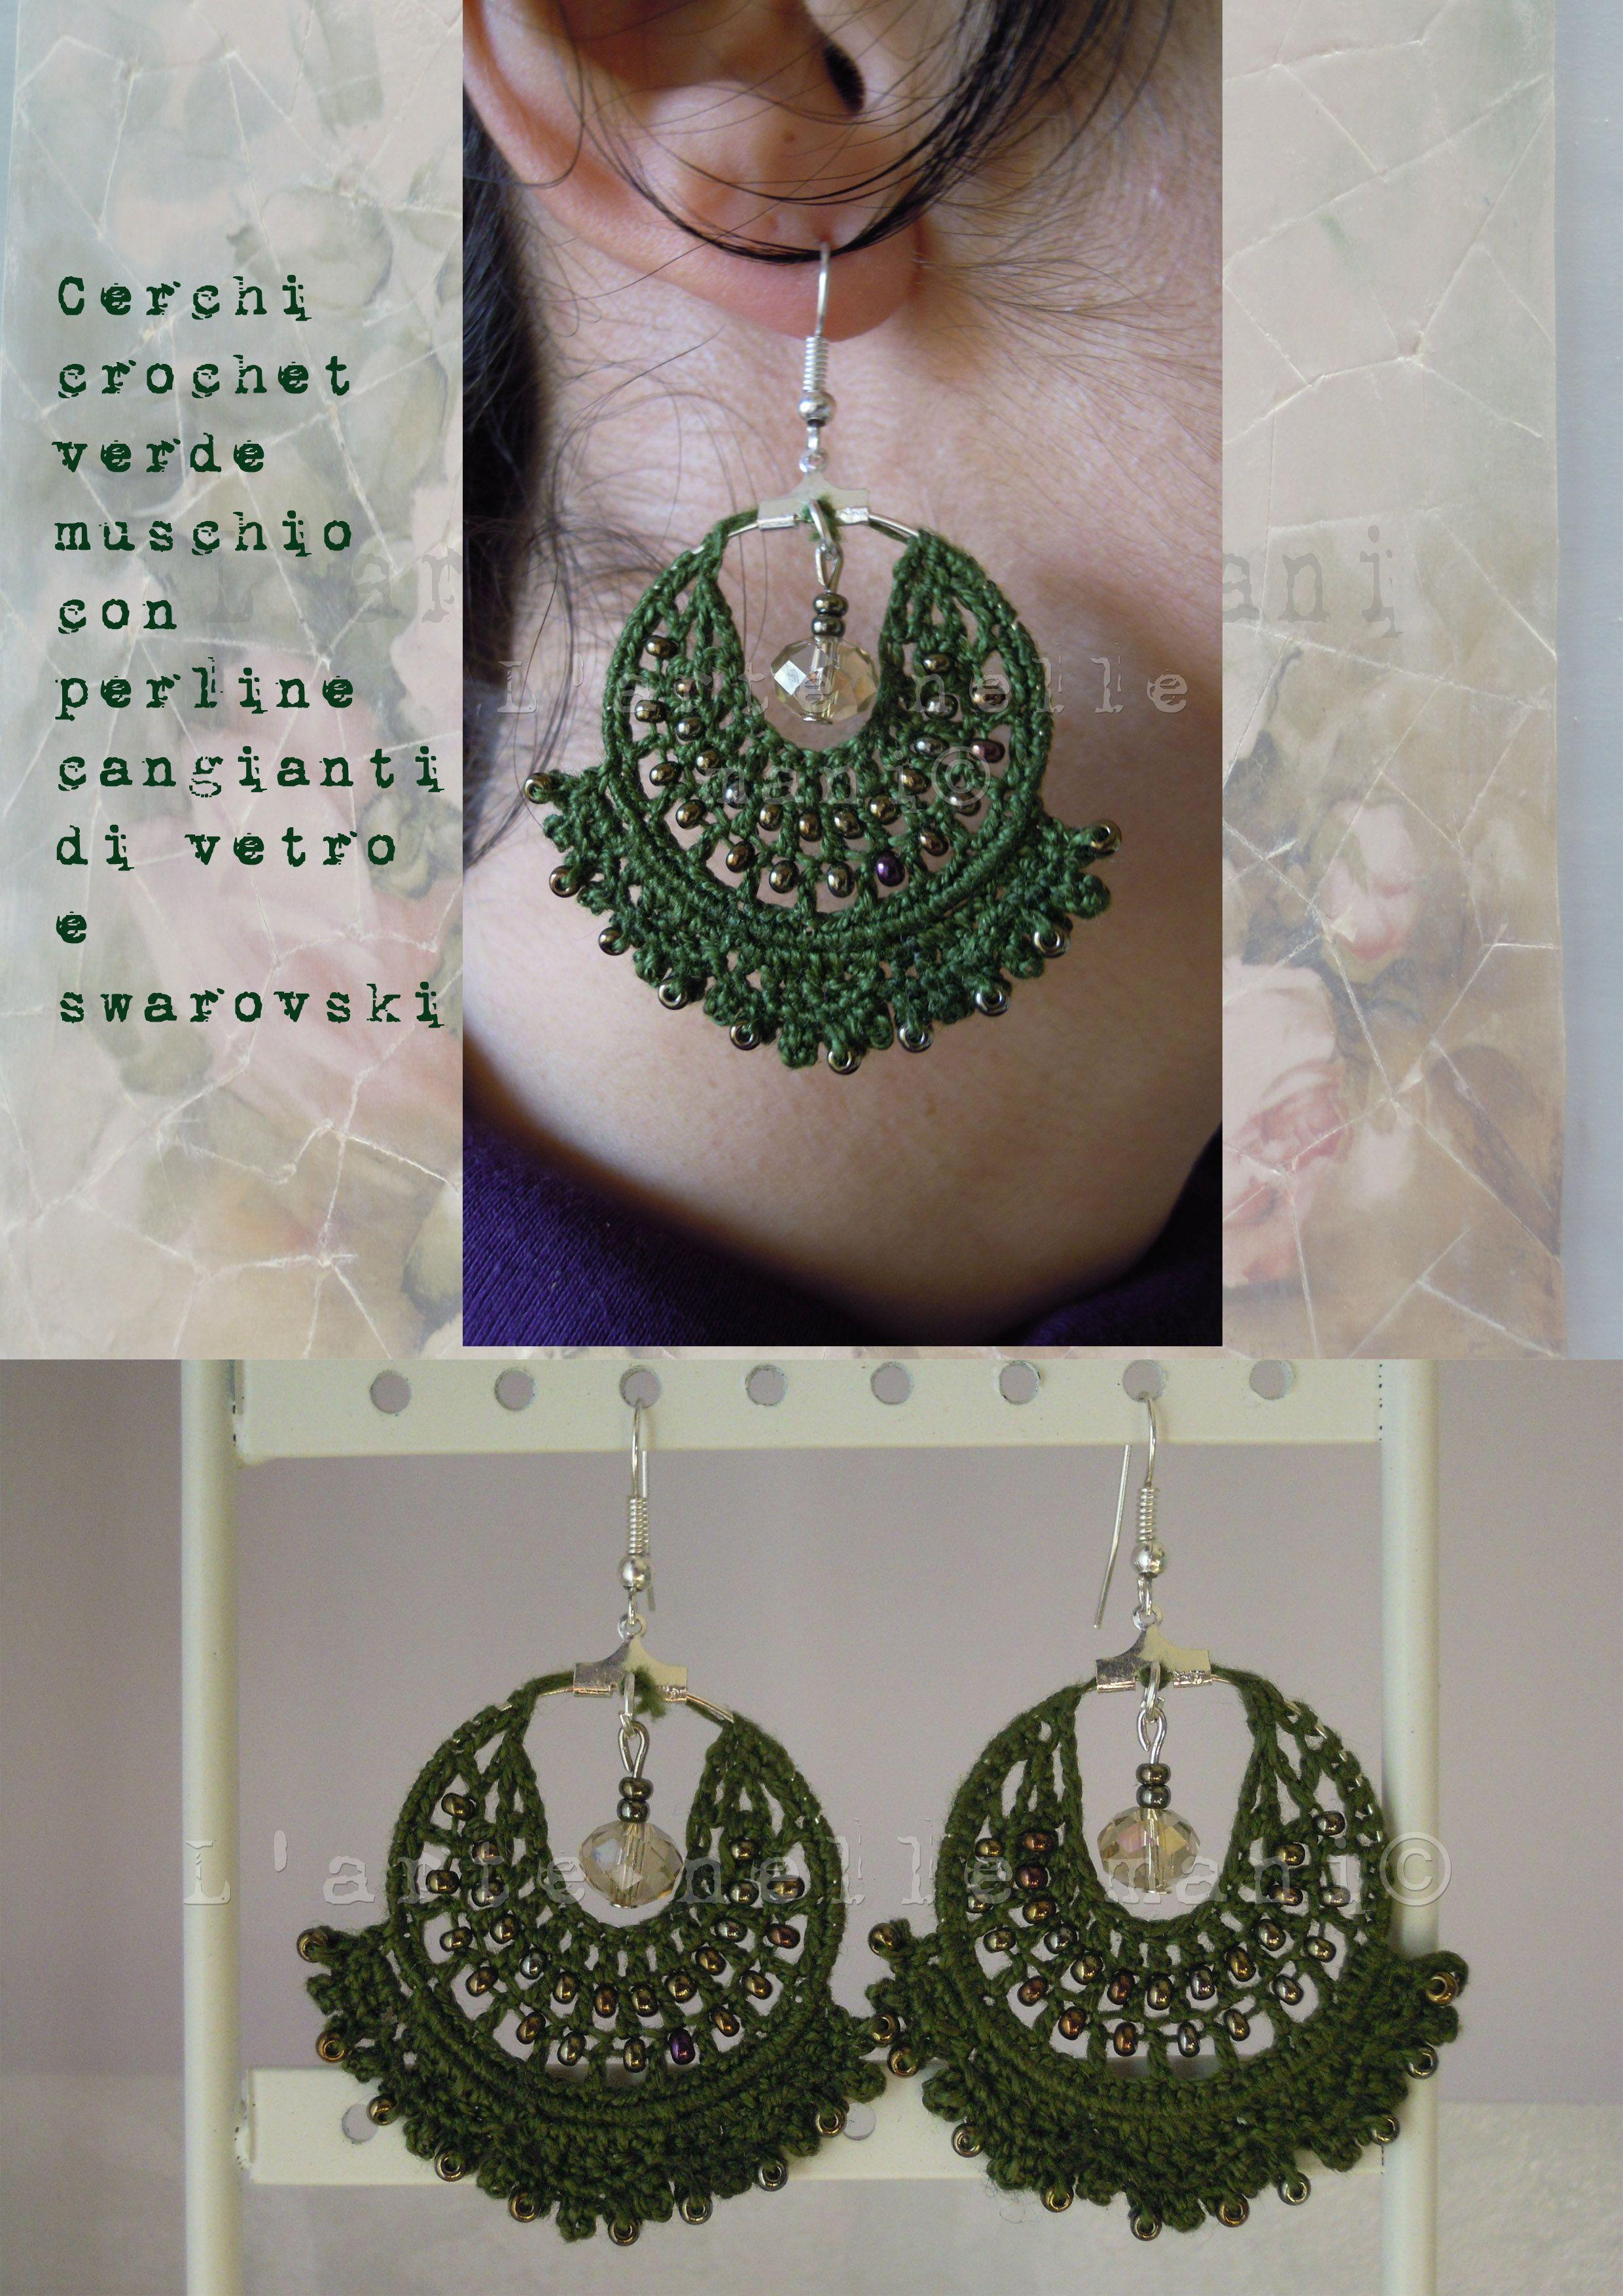 Orecchini a cerchio lavorazione a crochet in makò verde muschio, perline cangianti  e swarovski